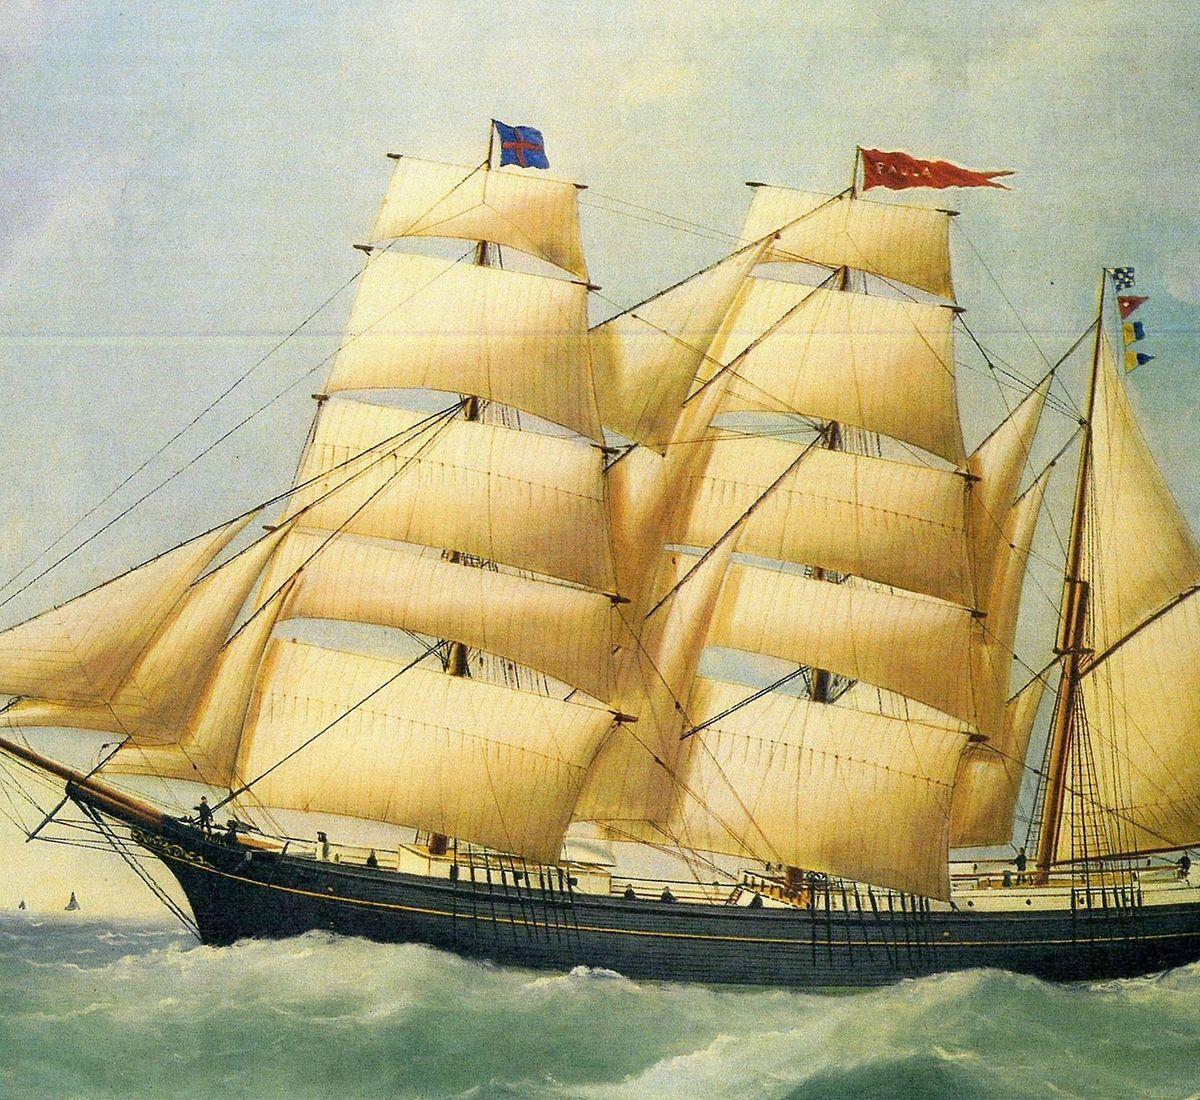 """Der Segler """"Paula"""" war mit einer Ladung Kohle von Wales nach Indonesien  unterwegs. Im Auftrag eines Forschungsinstituts warf der Kapitän die  """"Stromflasche"""" über Bord."""